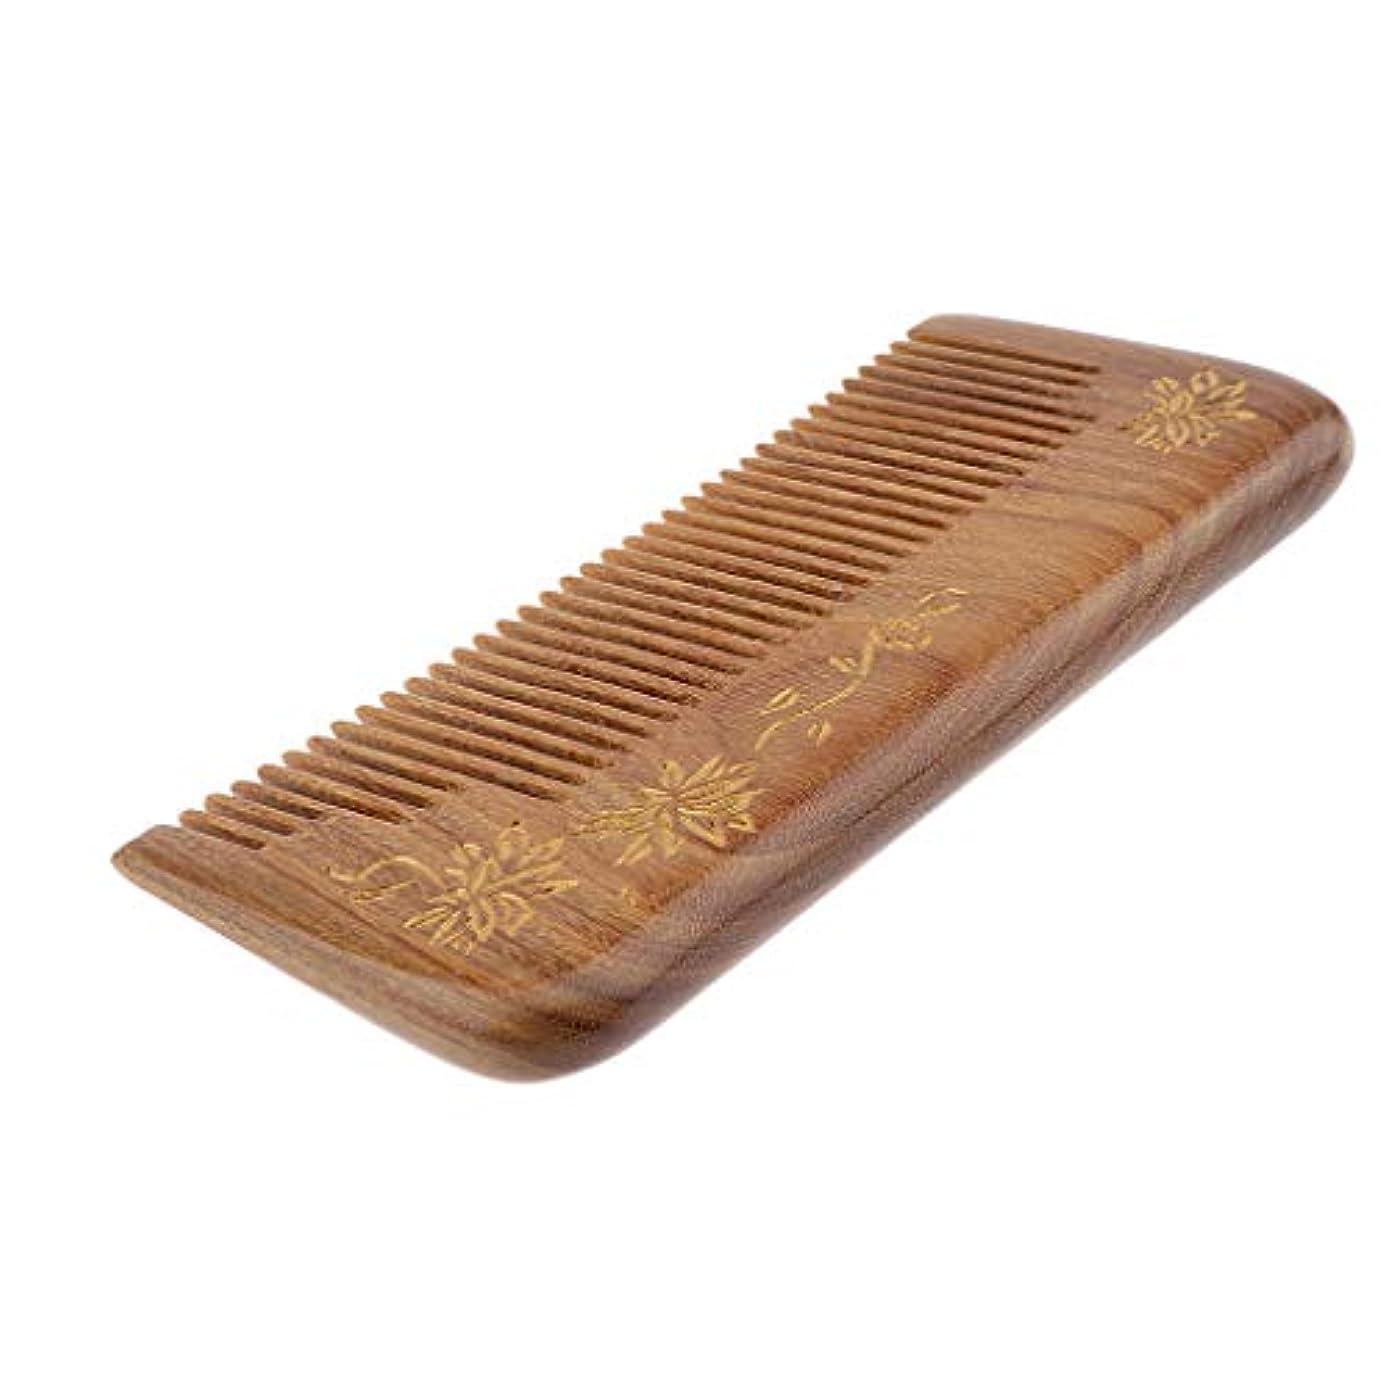 誰も累積過ち帯電防止櫛 ヘアブラシ 木製櫛 広い歯 自然な木 マッサージ櫛 プレゼント 4仕様選べ - #3